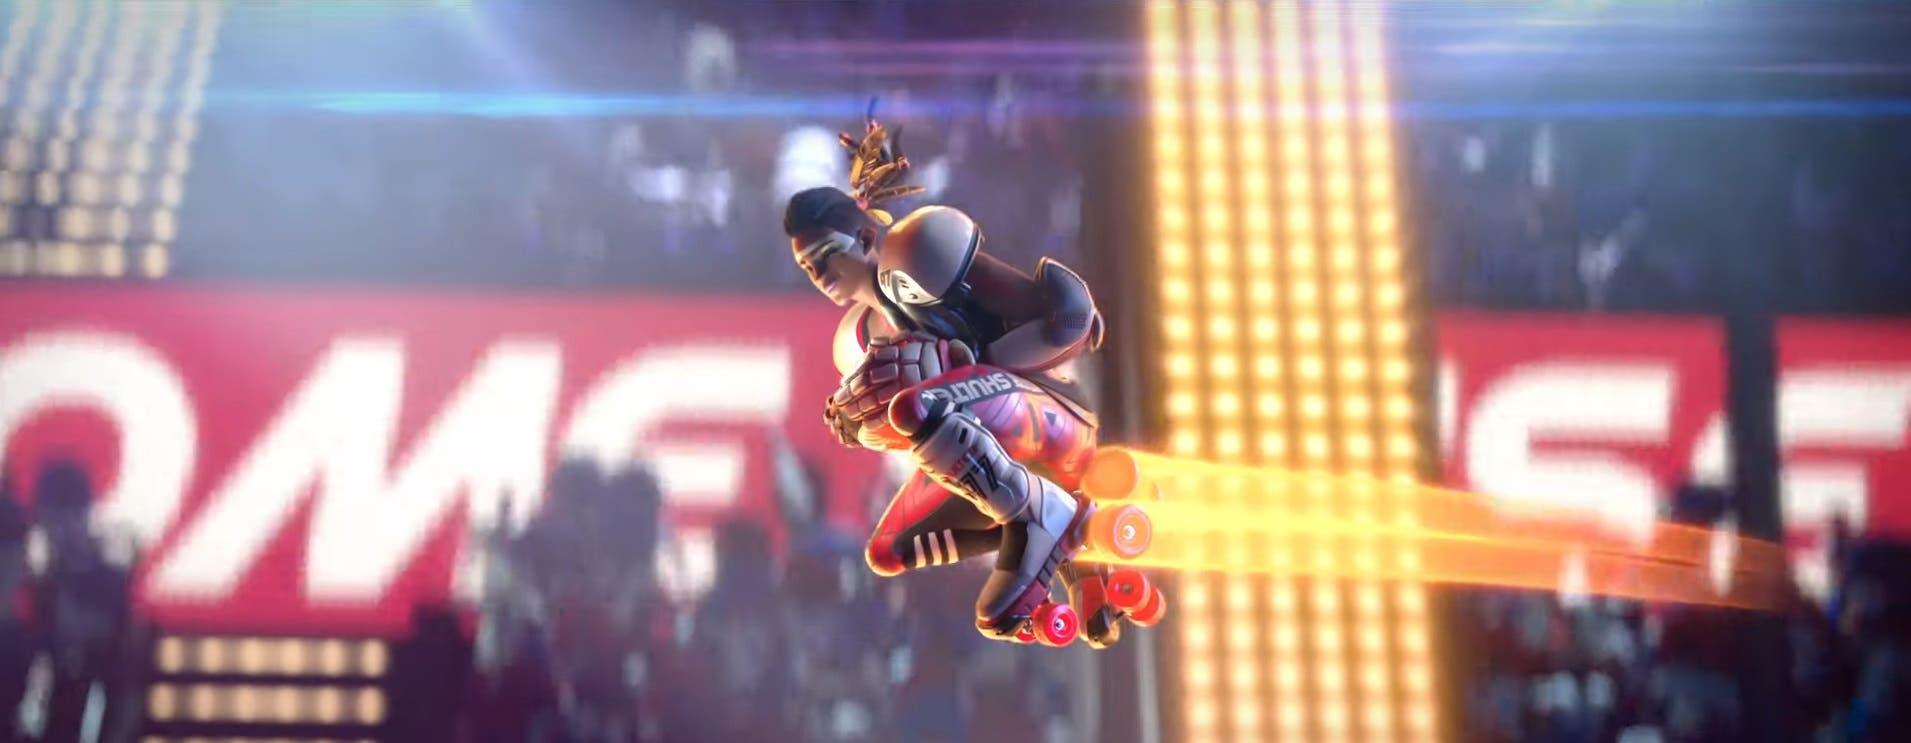 Imagen de Roller Champions se hace oficial en el E3 2019 como un nuevo free-to-play